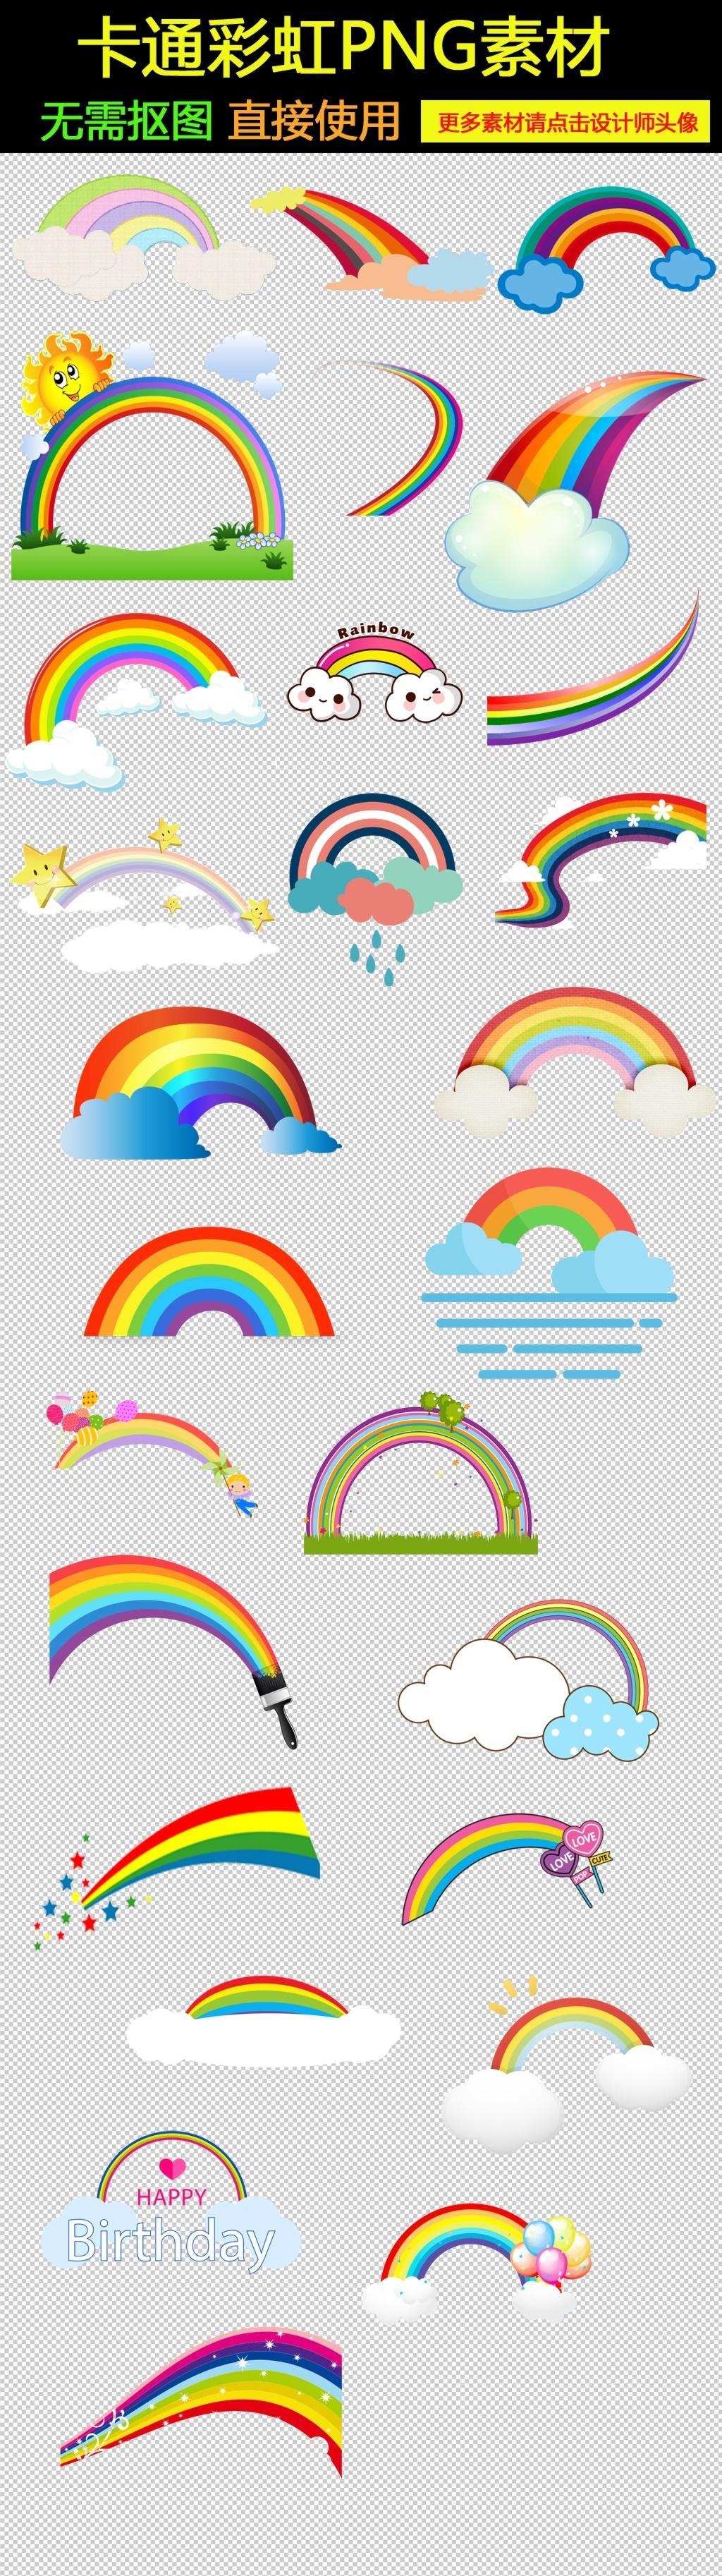 彩虹泡泡框                                    手绘卡通彩虹